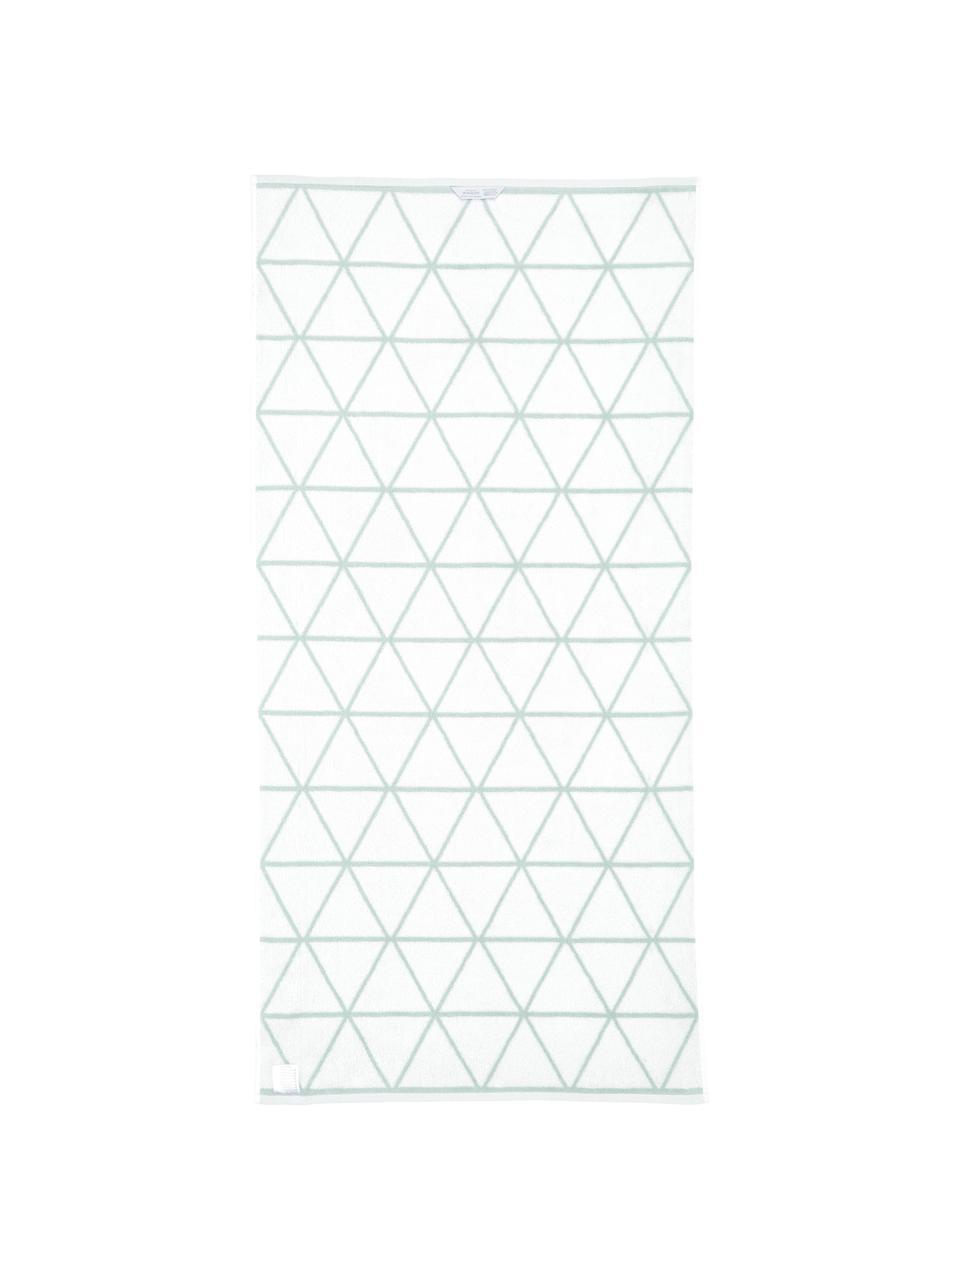 Wende-Handtuch-Set Elina mit grafischem Muster, 3-tlg., Mintgrün, Cremeweiß, Sondergrößen